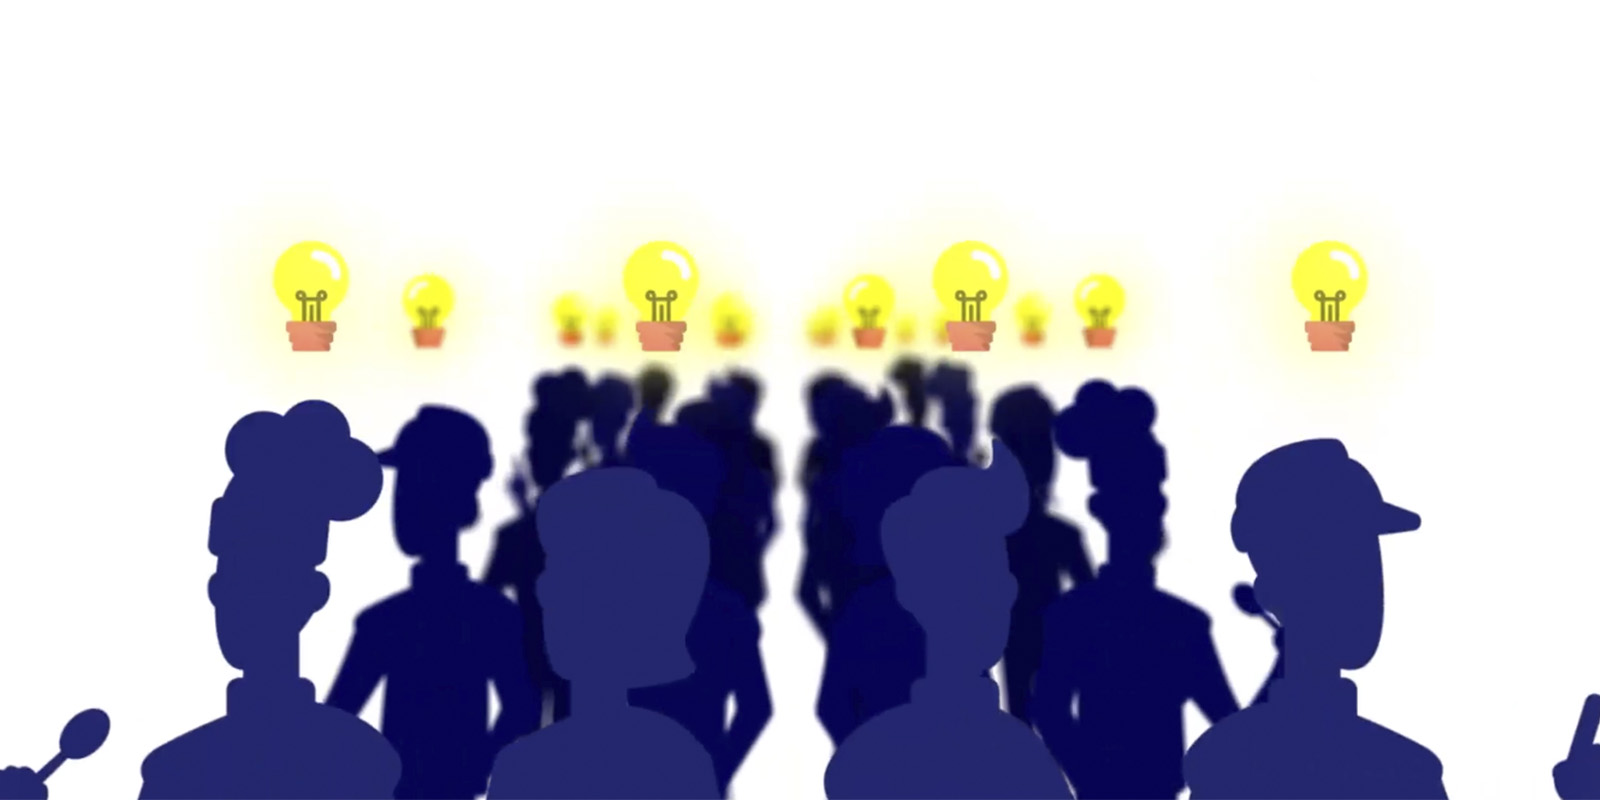 SOCIALAB YA ESTÁ EVALUANDO LOS PROYECTOS DE EMPRENDEDORES DE TODO CHILE